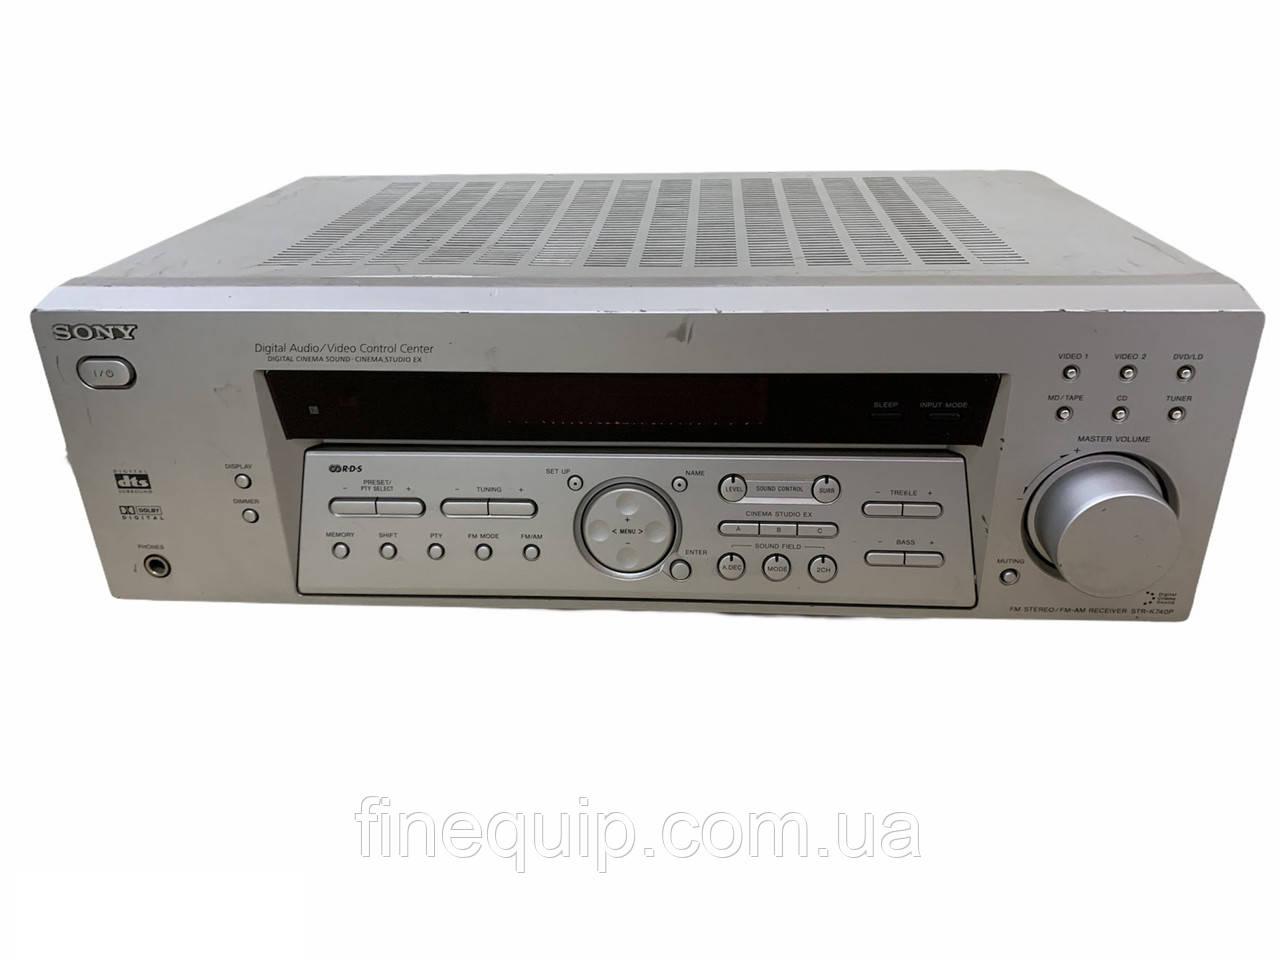 Ресивер для домашнего кинотеатра sony STR-K740P -Б/У